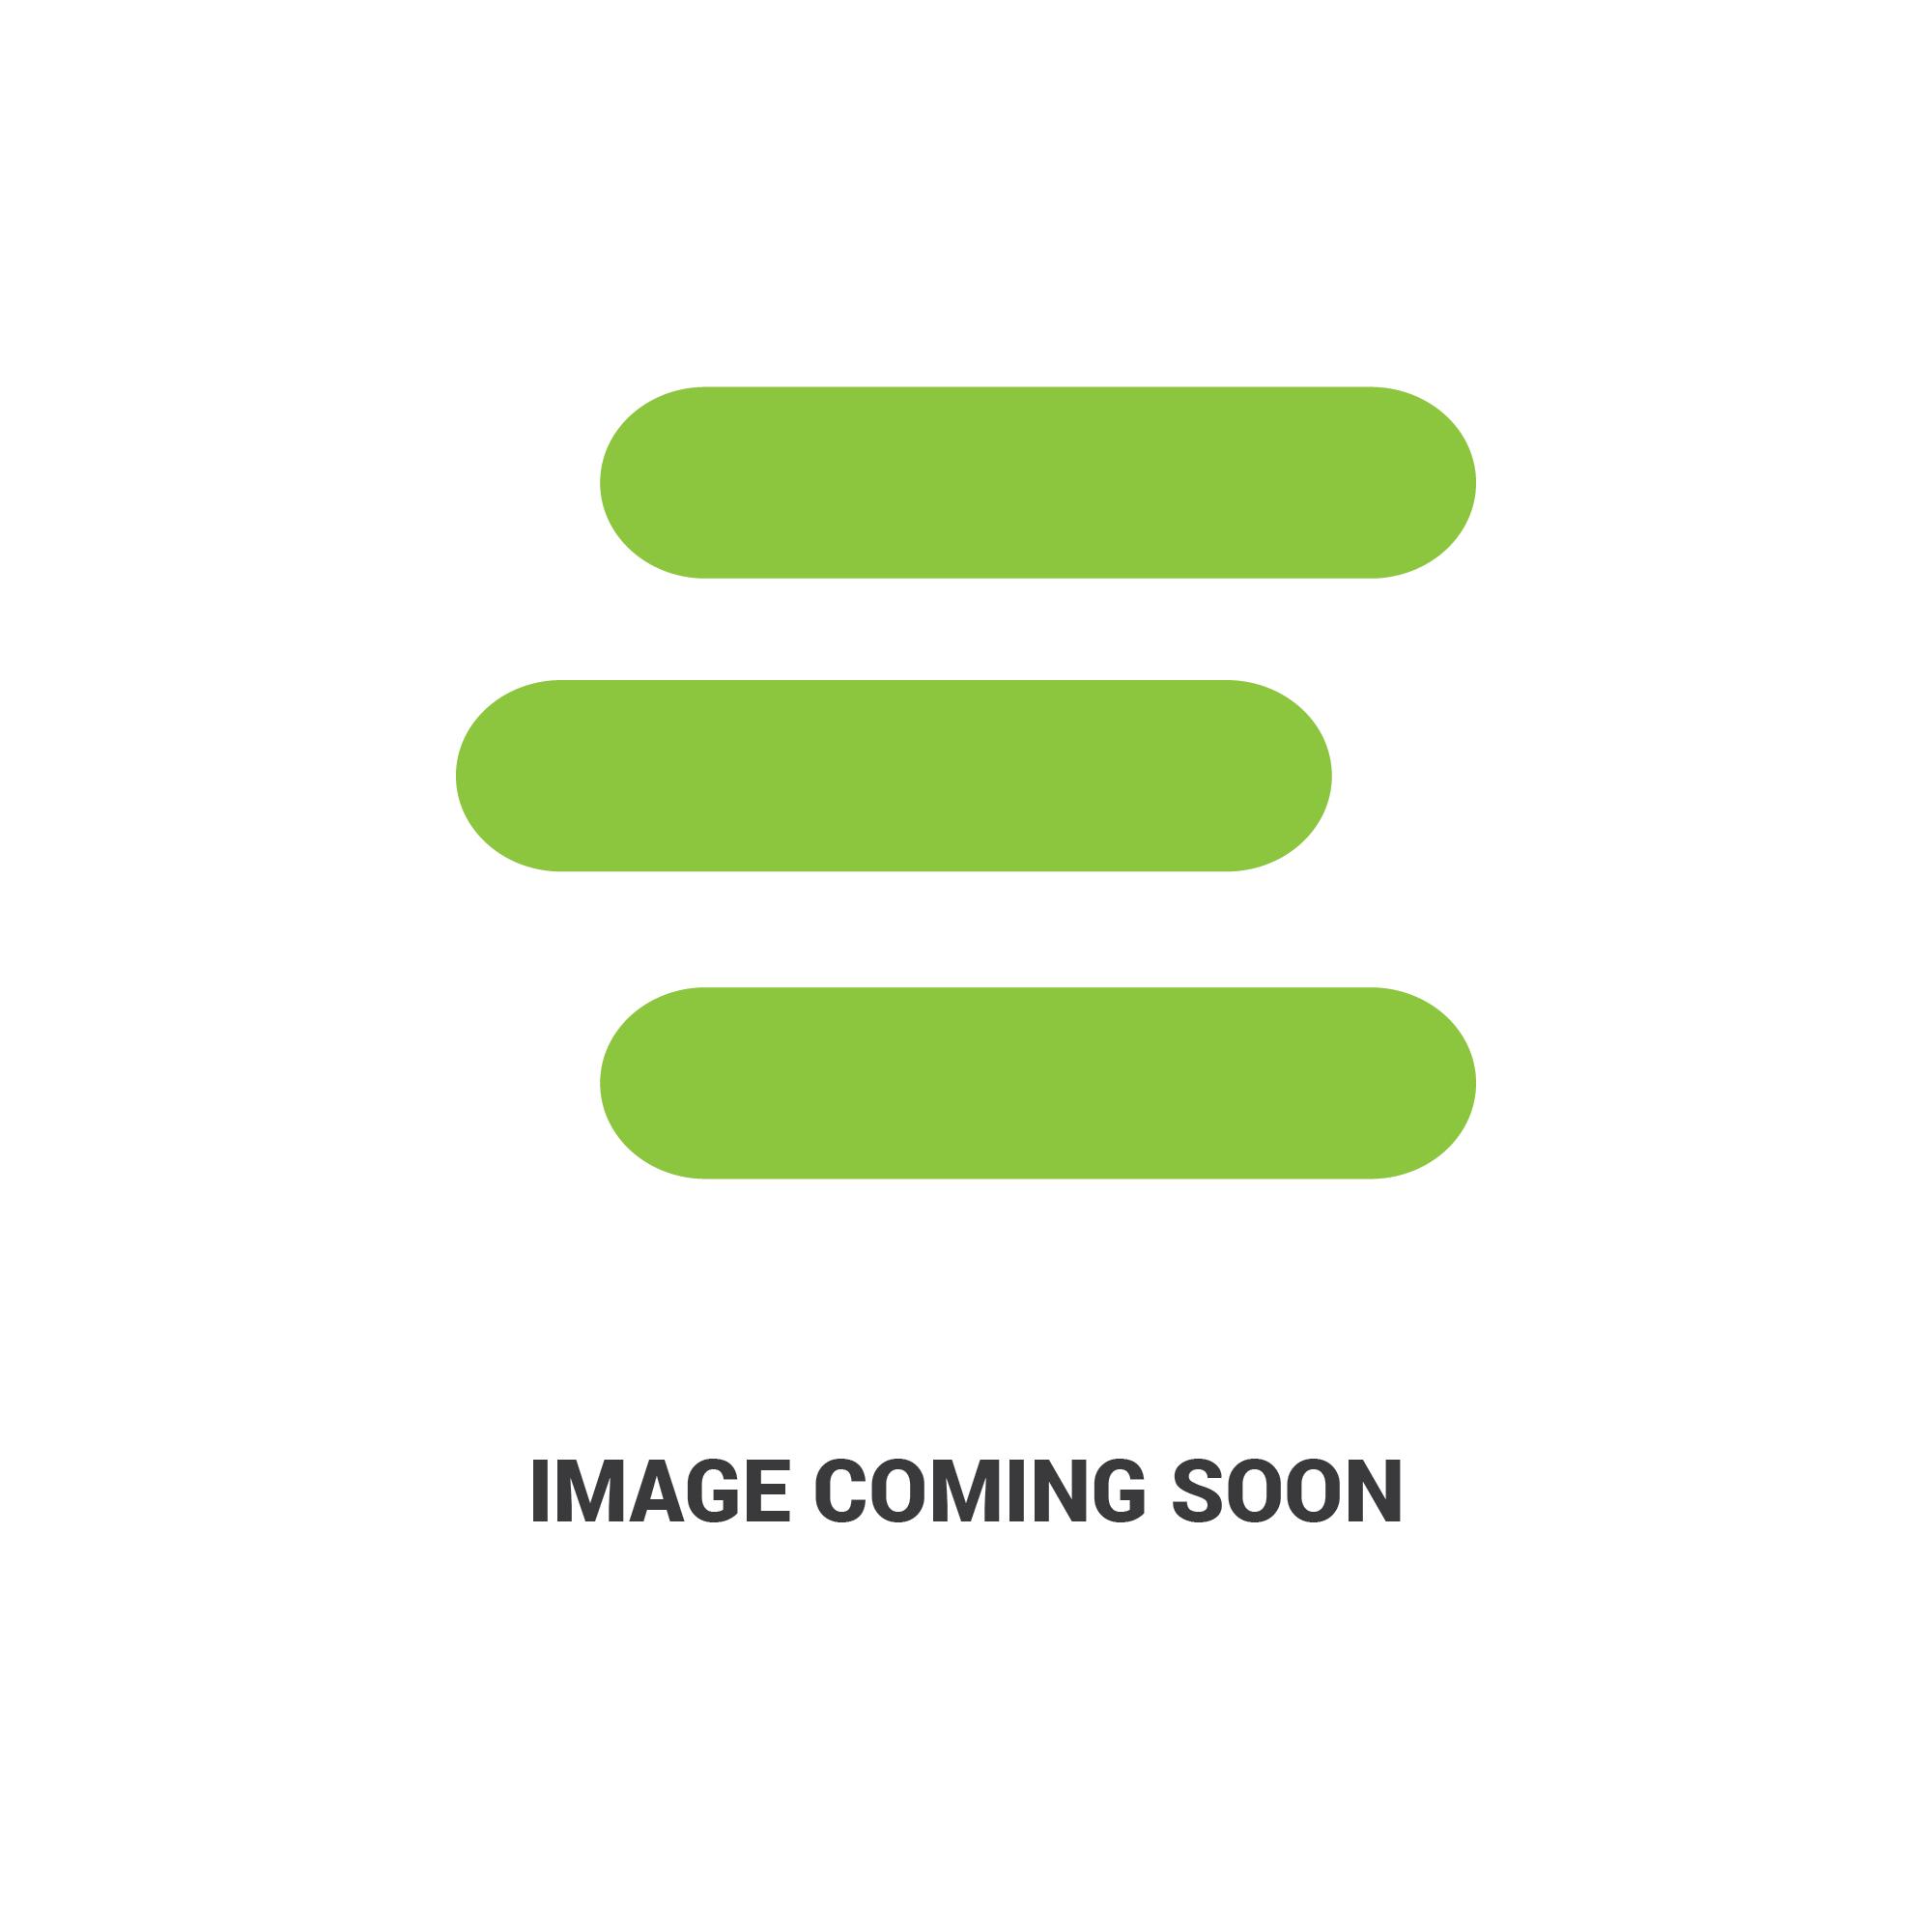 E-AL36532edit 20.jpg